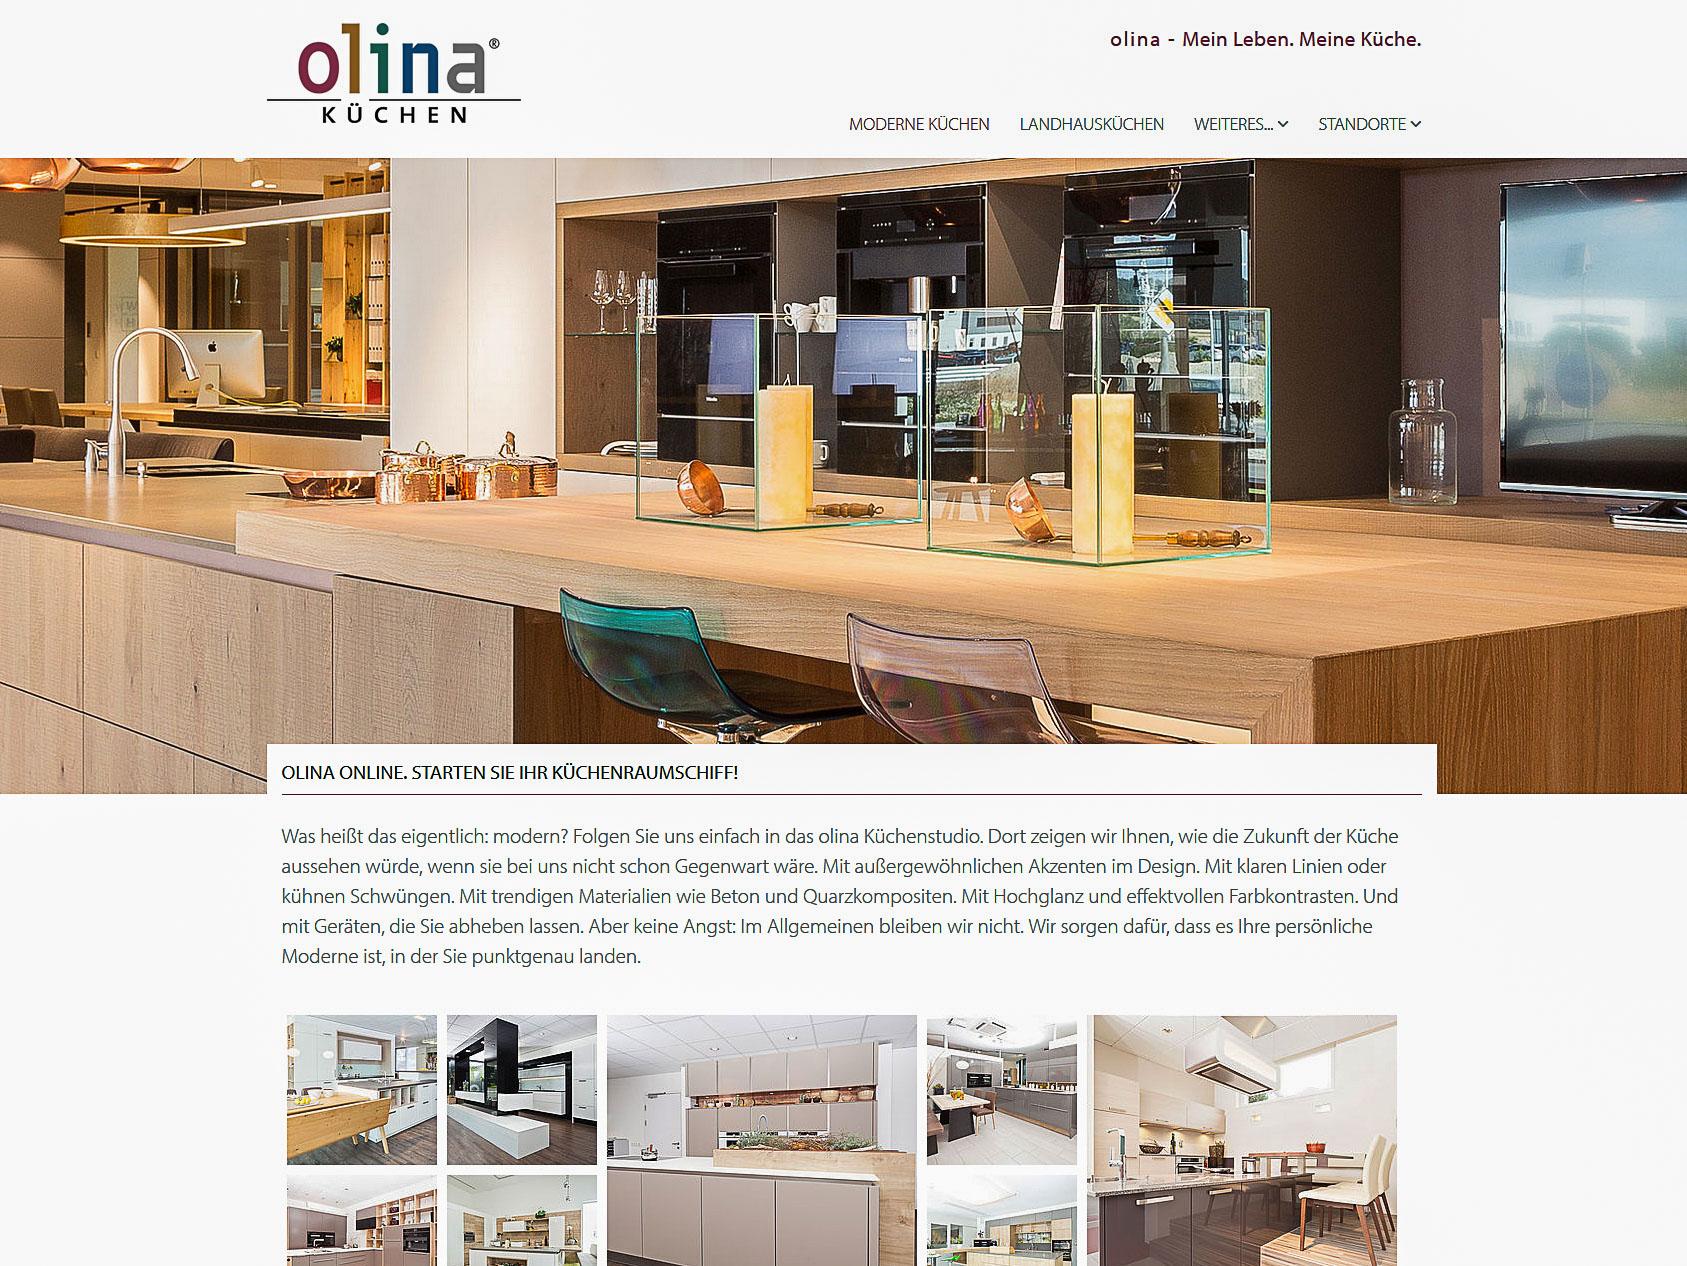 Full Size of Olina Küchen Neue Ist Online Franchise Gmbh Regal Wohnzimmer Olina Küchen